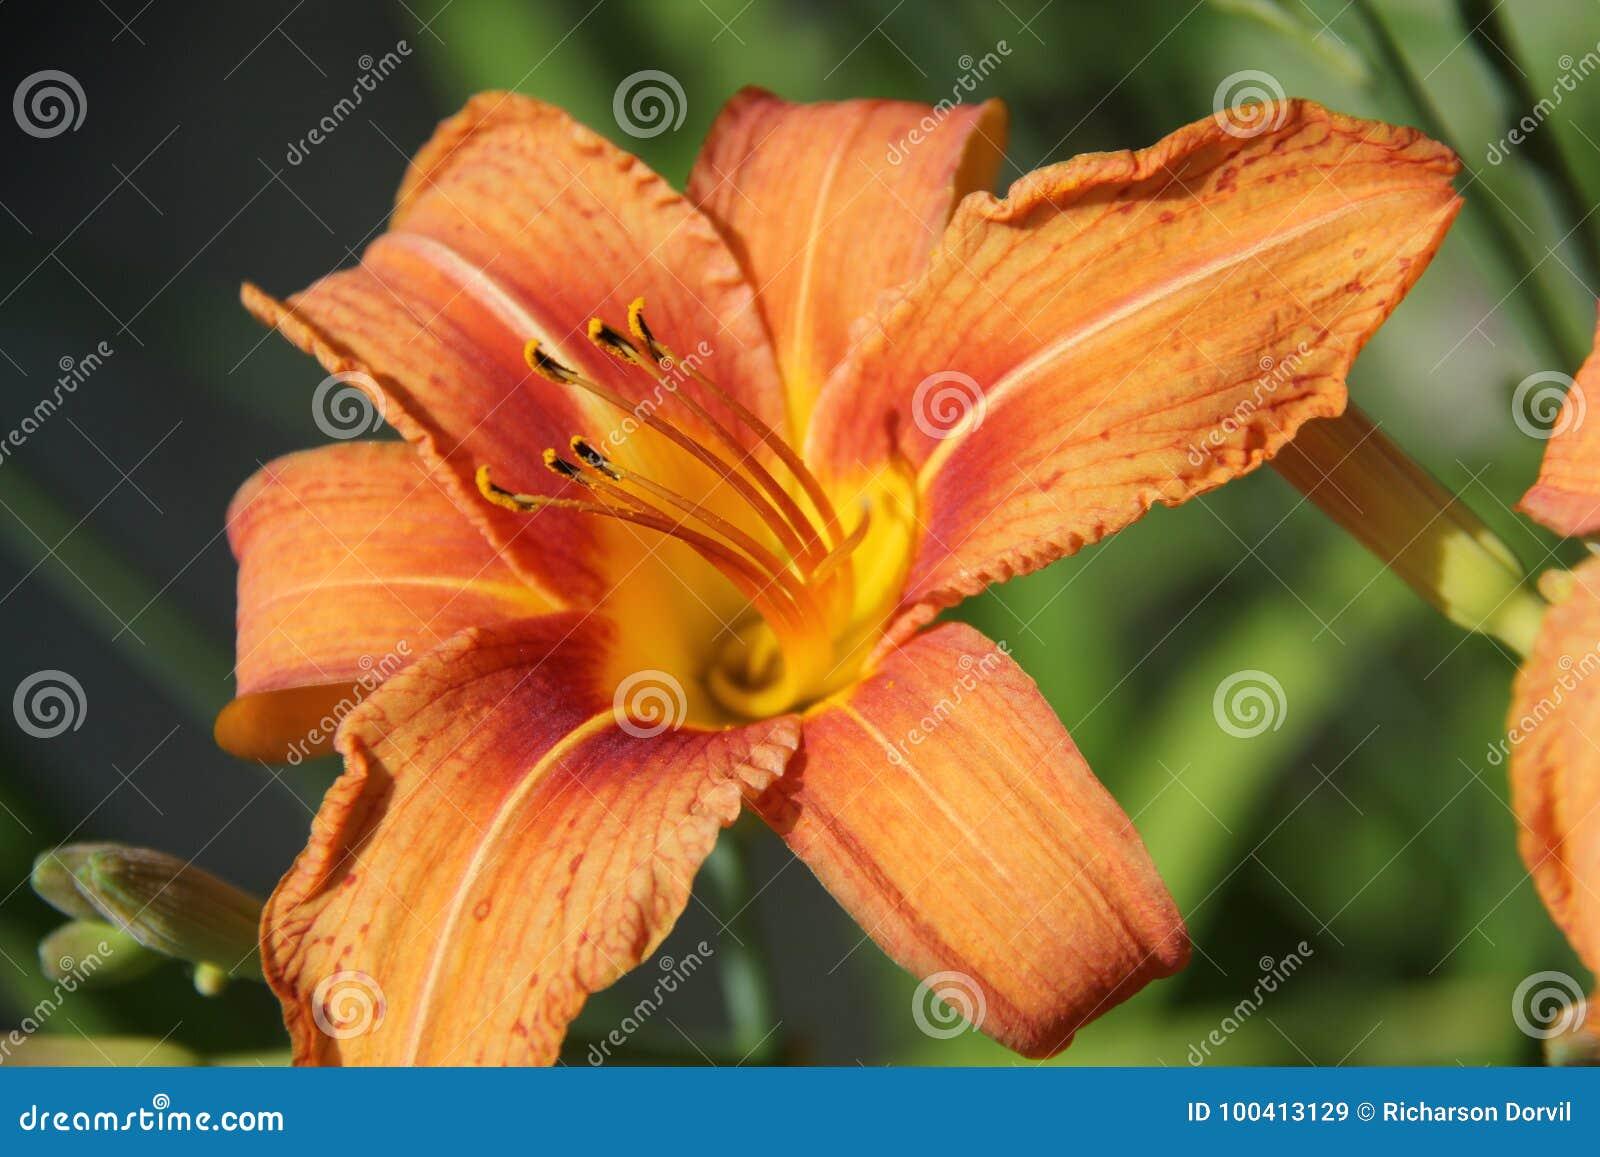 Orange Daylili Stock Image Image Of Flower Leaves 100413129